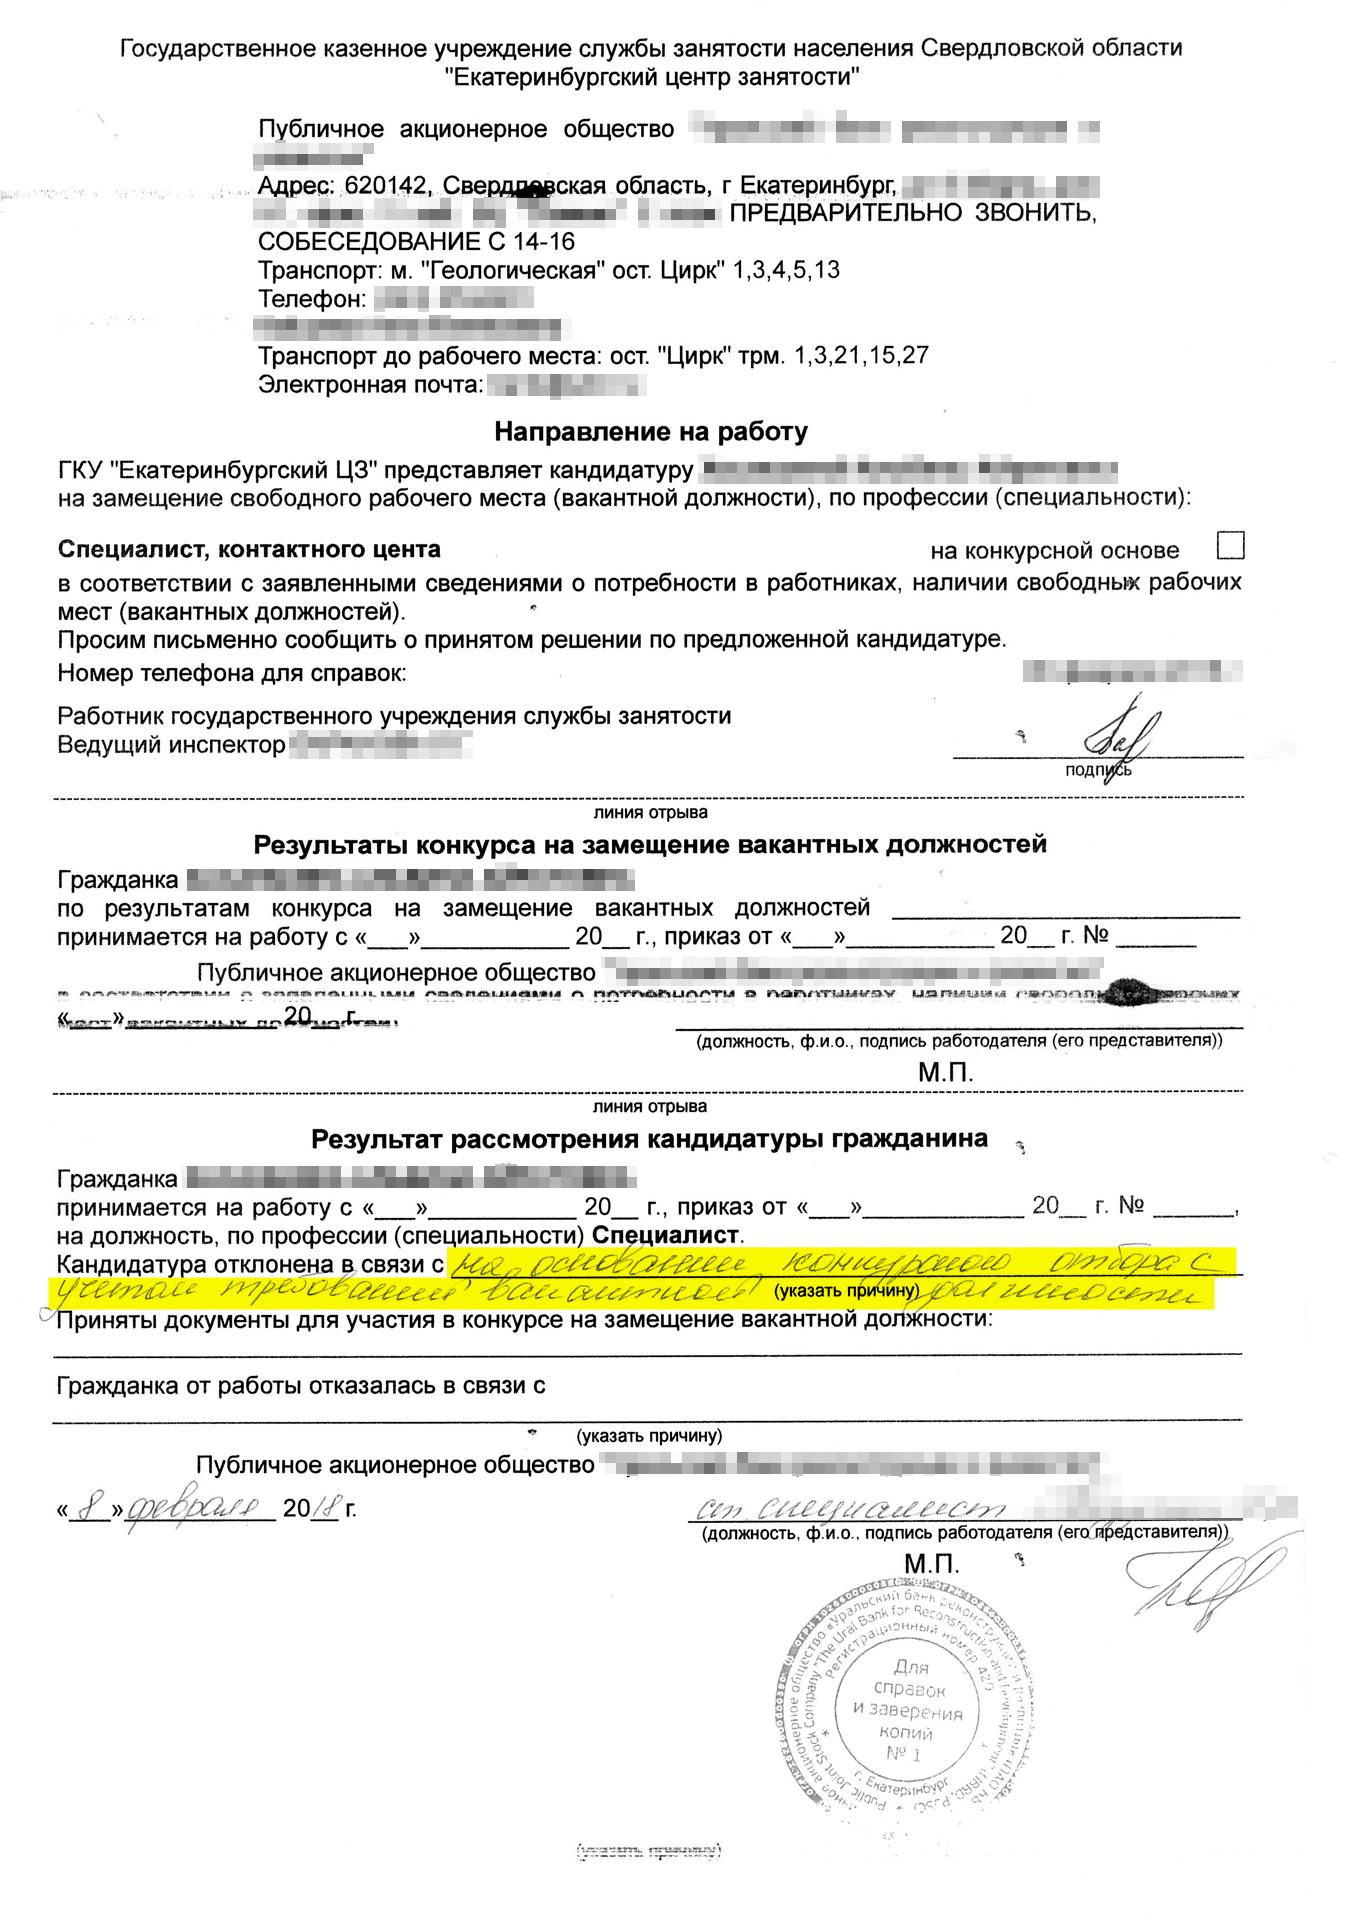 декларация 3 ндфл кемеровская область